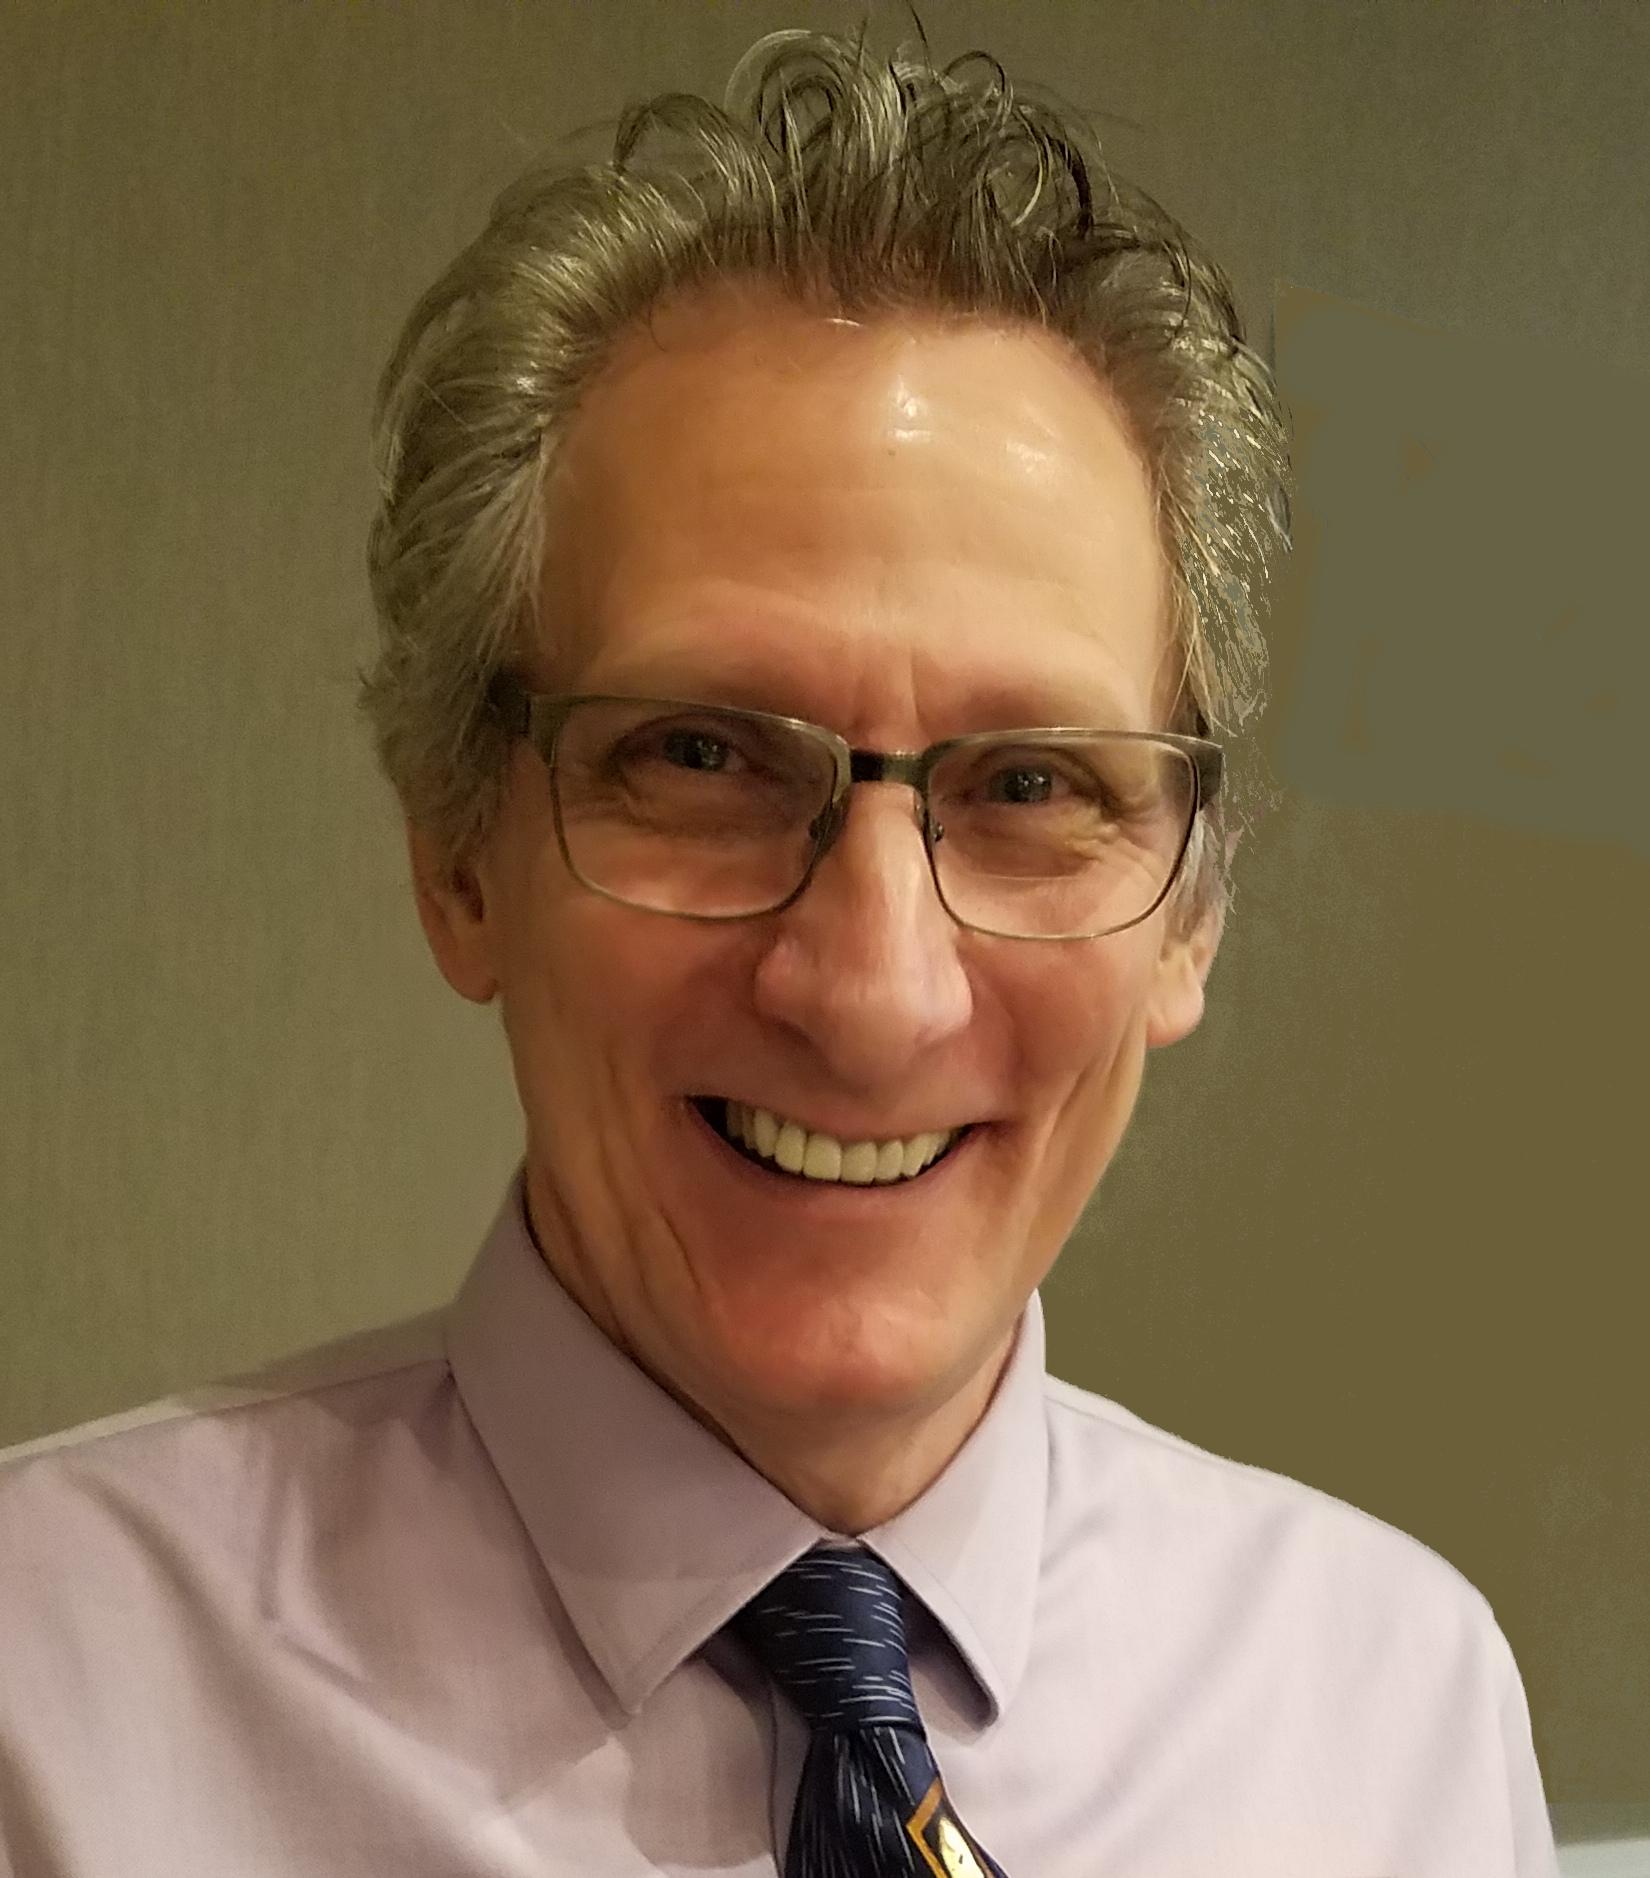 Michael Goryan